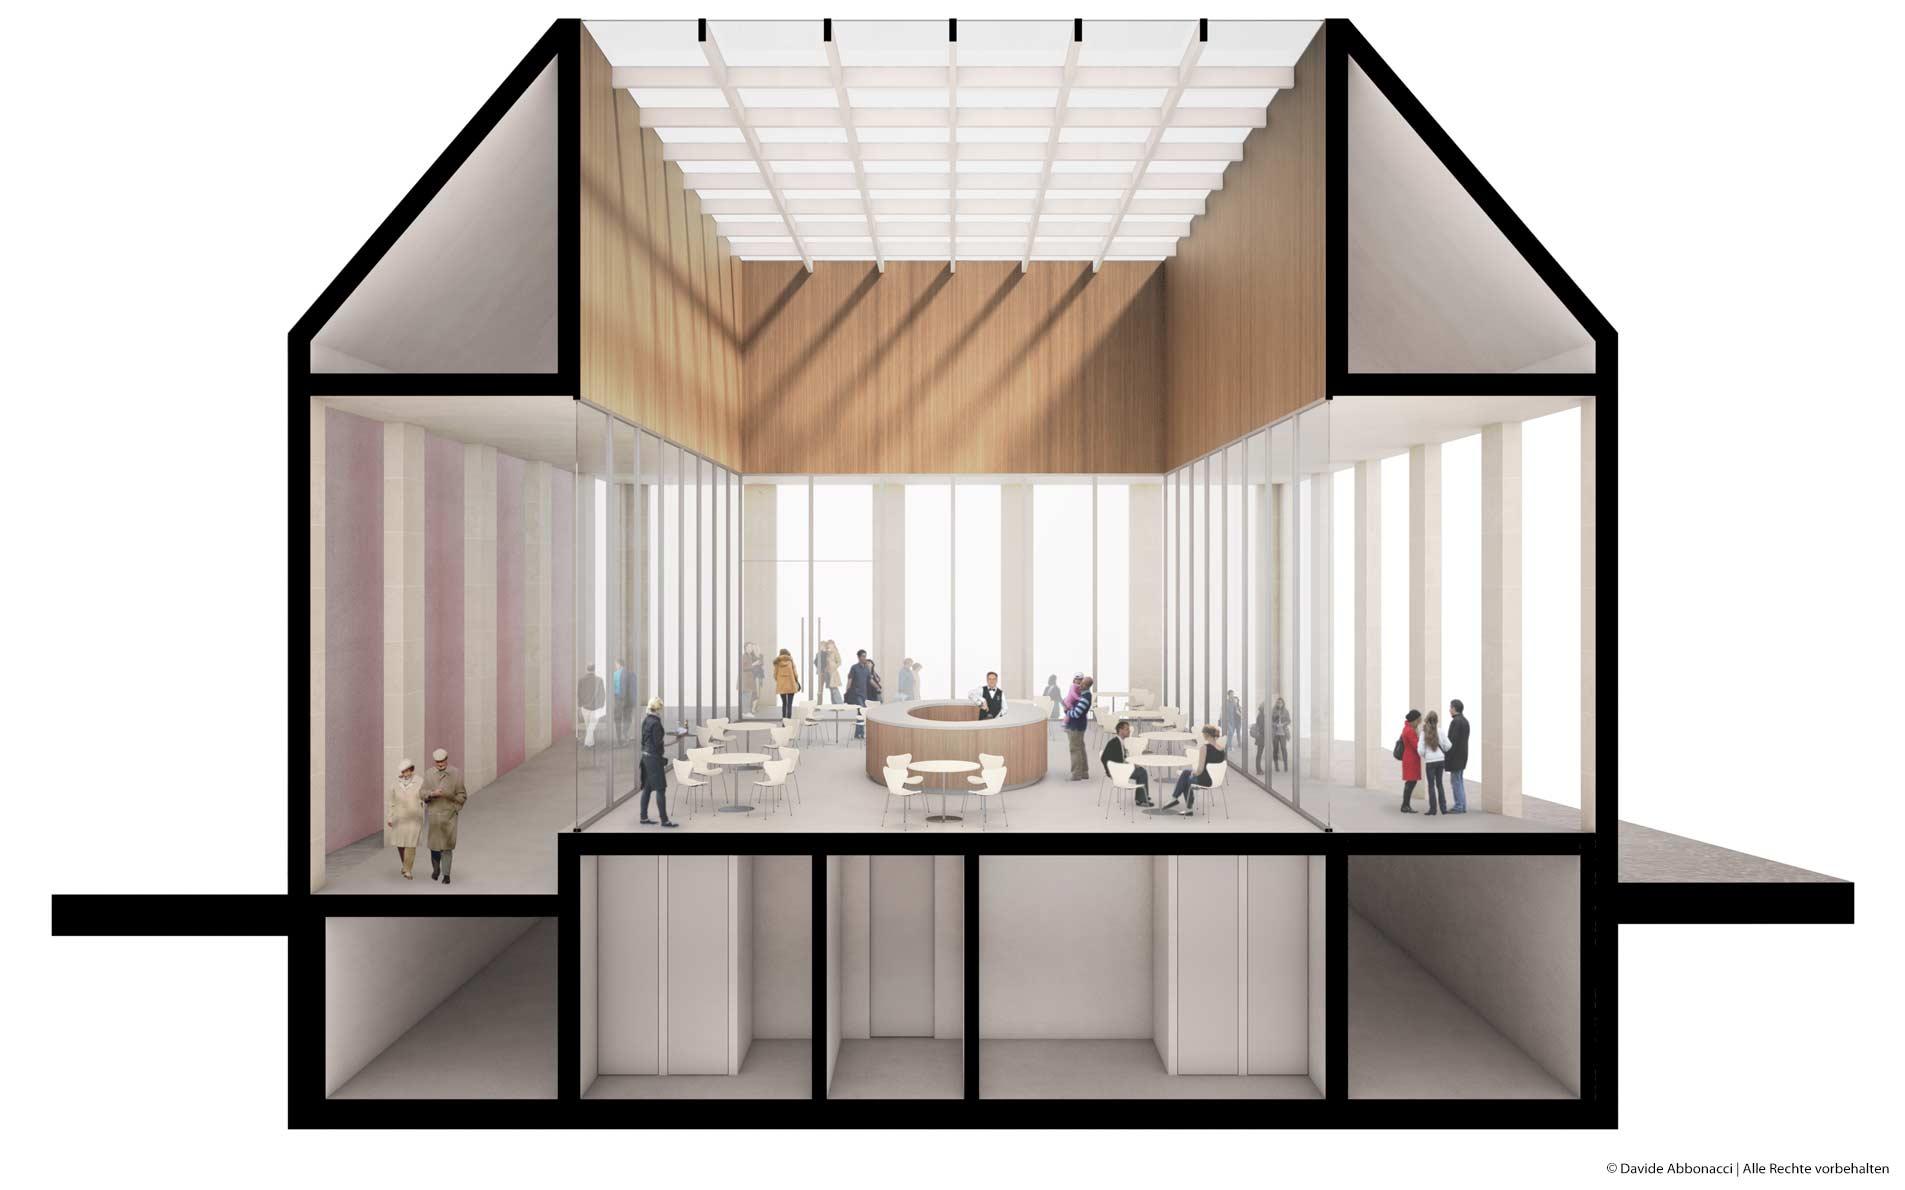 Höfe am Kaffeeberg Ludwigsburg, Stuttgart | Kuehn Malvezzi Architekten | 2013 Wettbewerbsvisualisierung